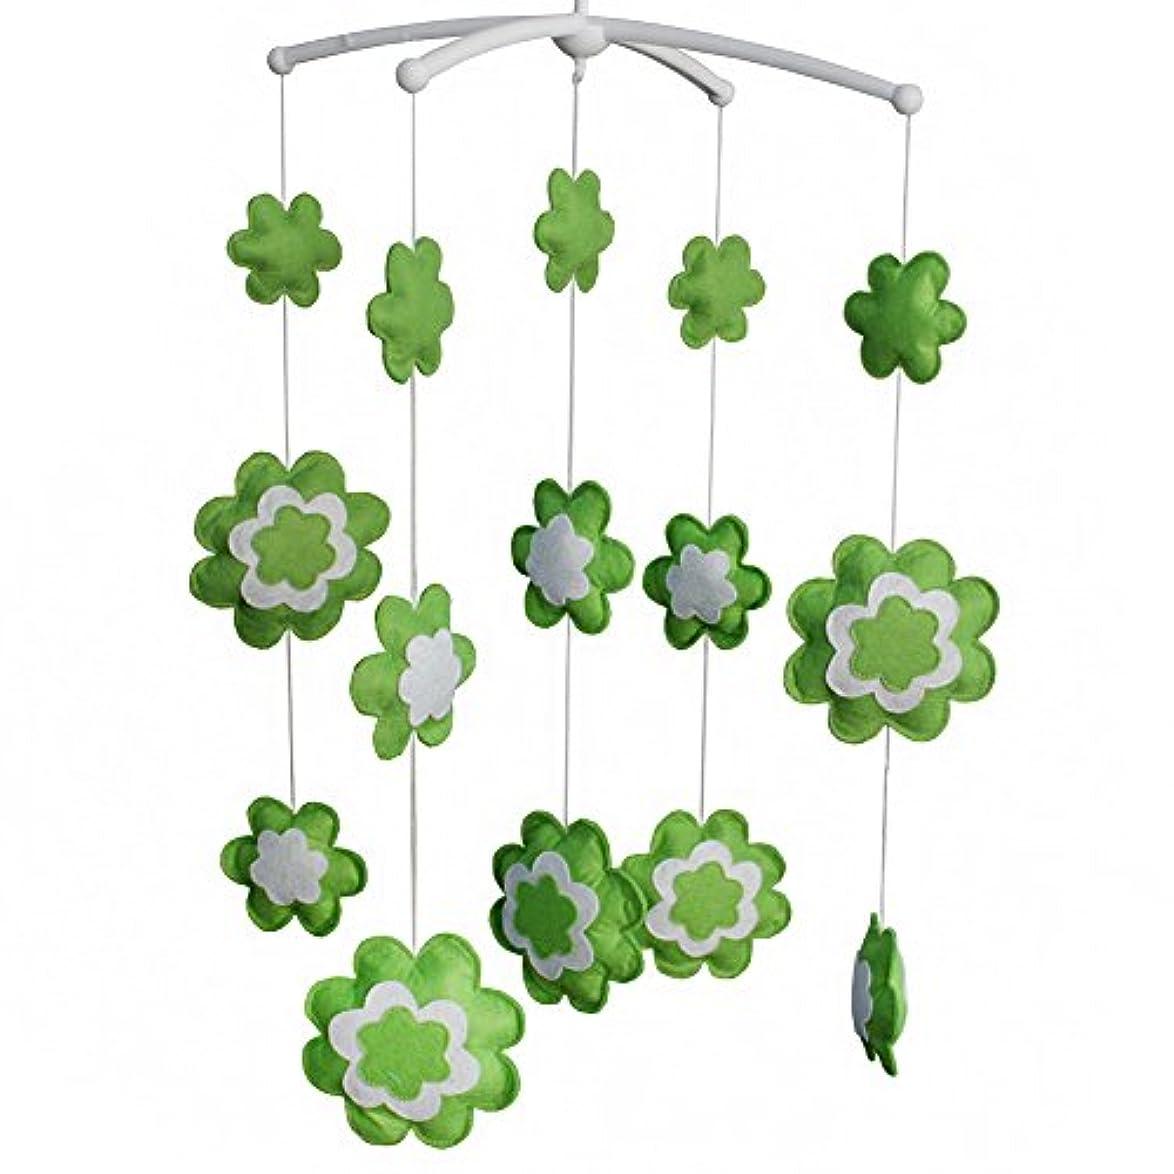 交響曲換気東ティモールベビーベッドモバイルグリーンフラワー手作りミュージカルモバイルベビーシャワーギフト保育園の装飾